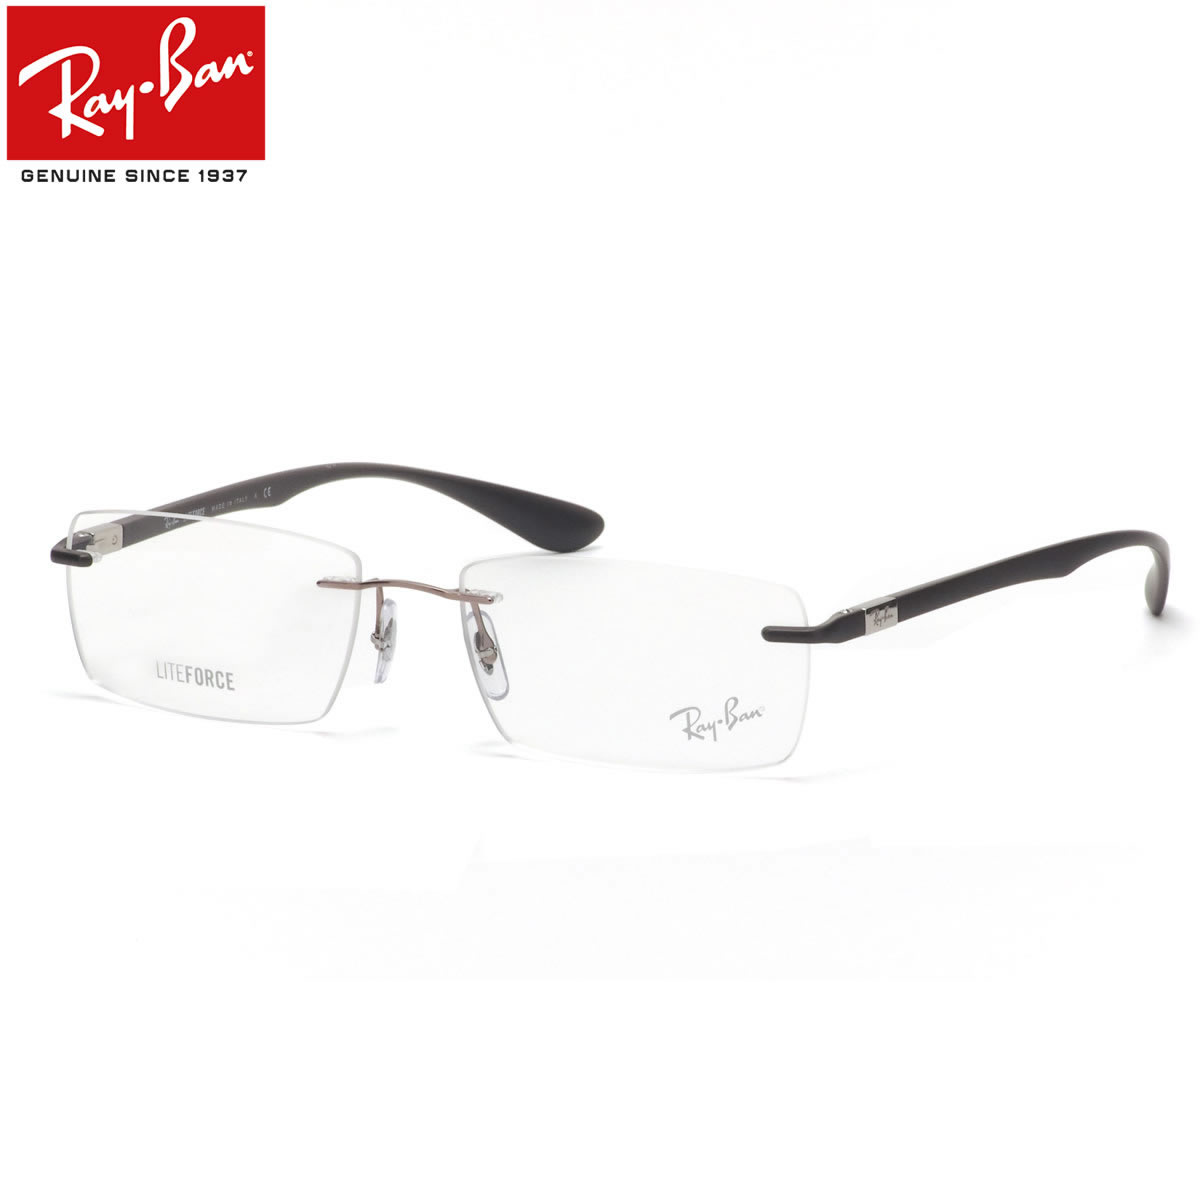 眼鏡・サングラス, 眼鏡  RX8724 1131 54 56 Ray-Ban LITEFORCE